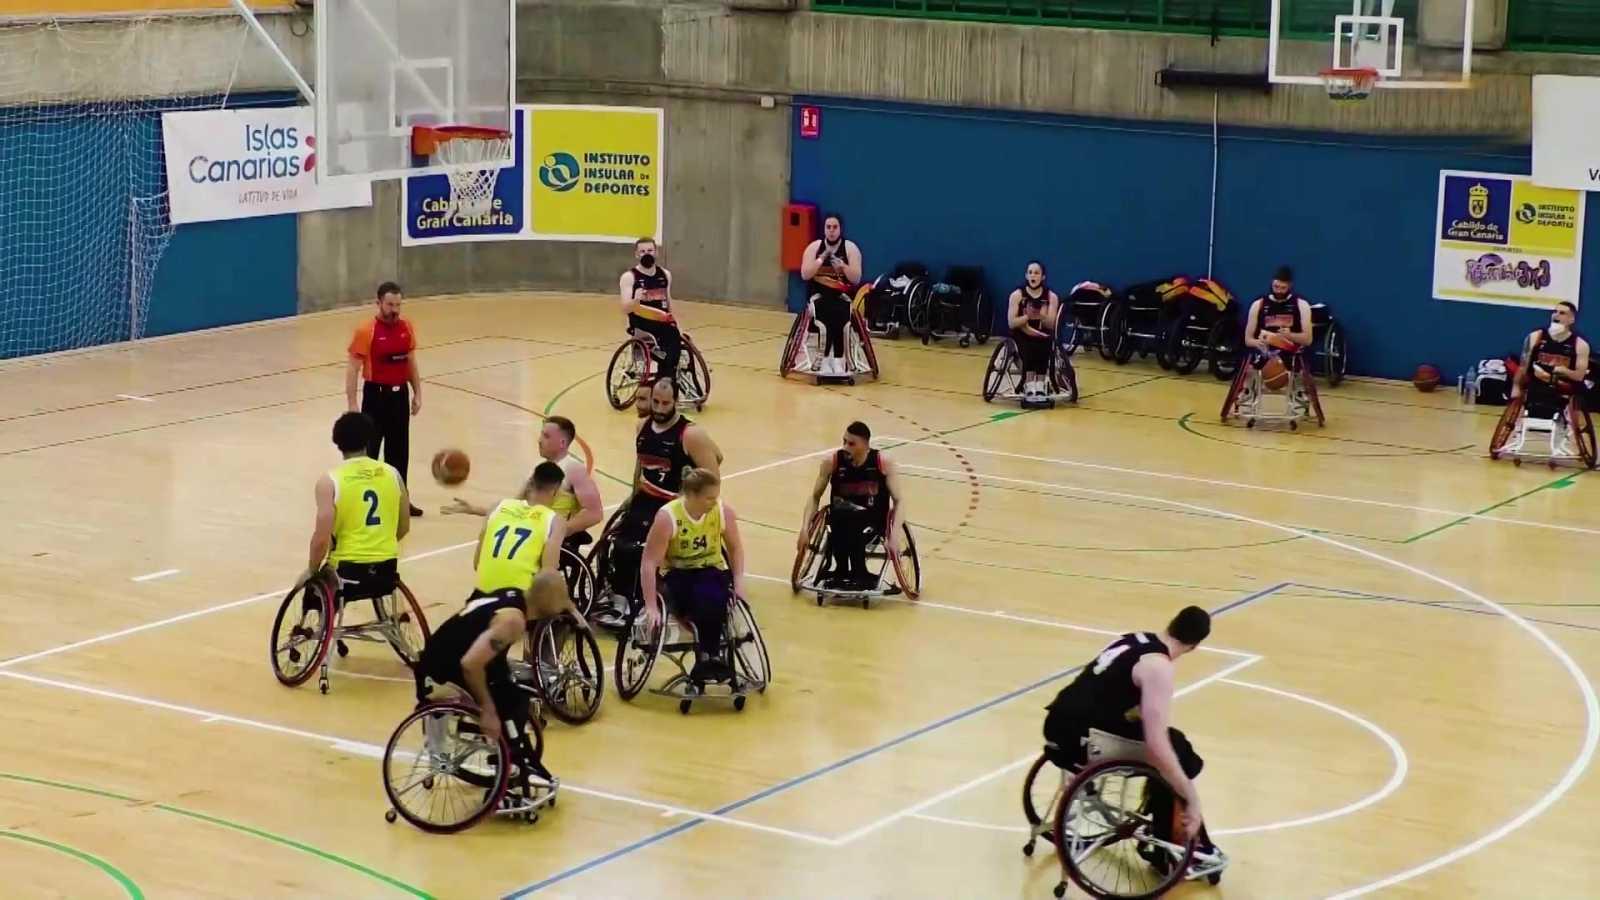 Baloncesto en silla de ruedas - Liga BSR División honor. Resumen jornada 17 - ver ahora